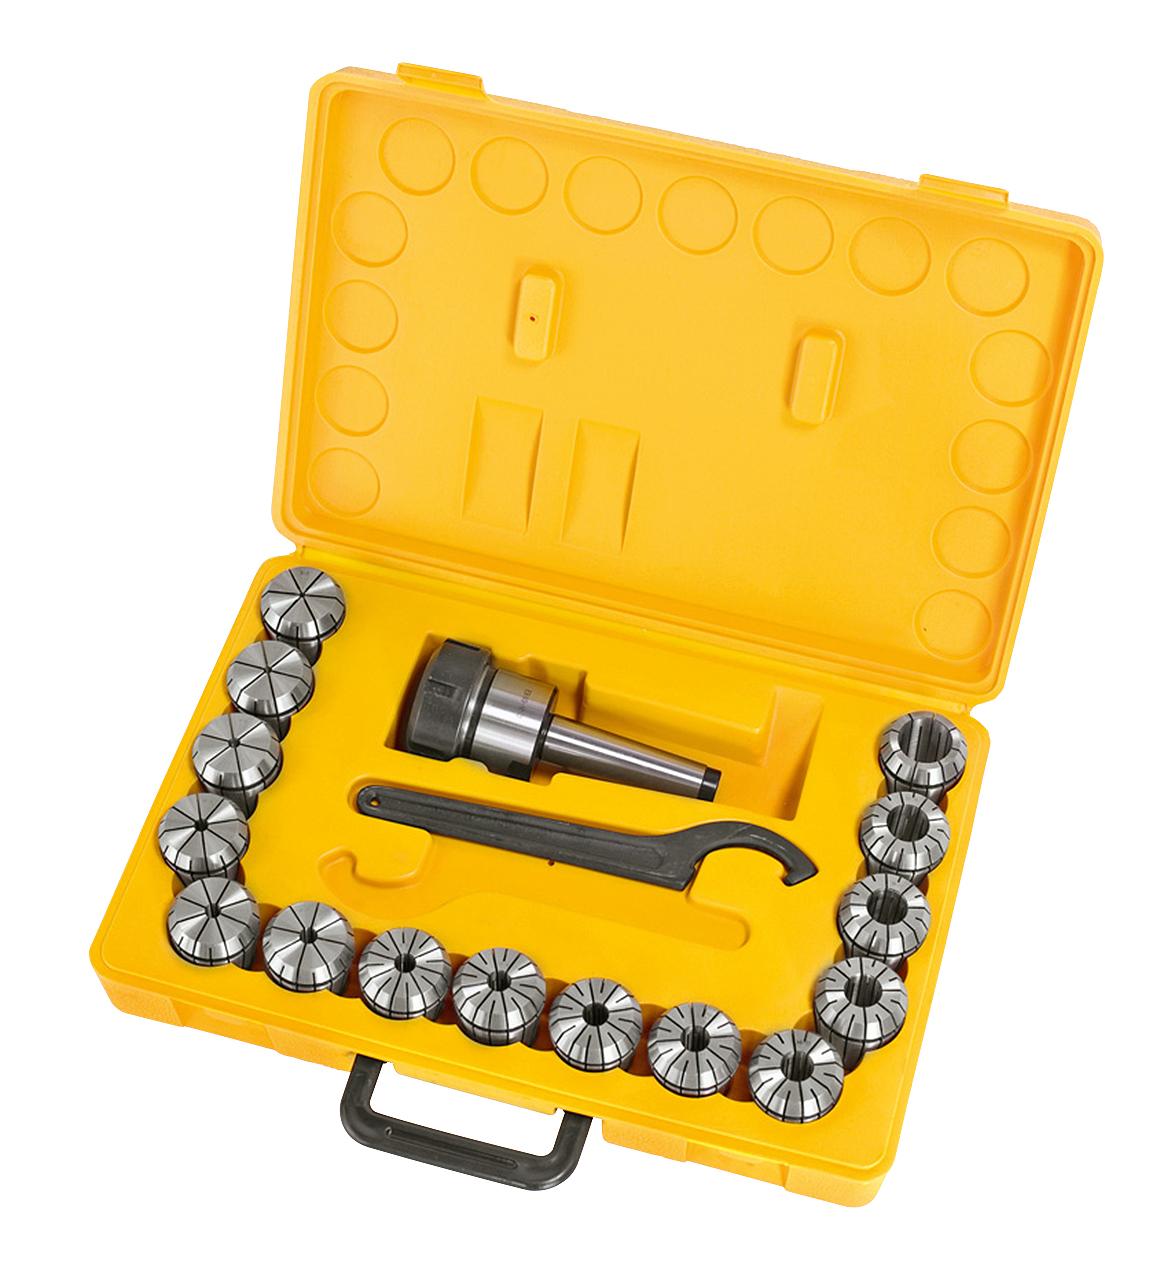 Spændetænger i sæt ER40, MK 3, 3 - 25 mm